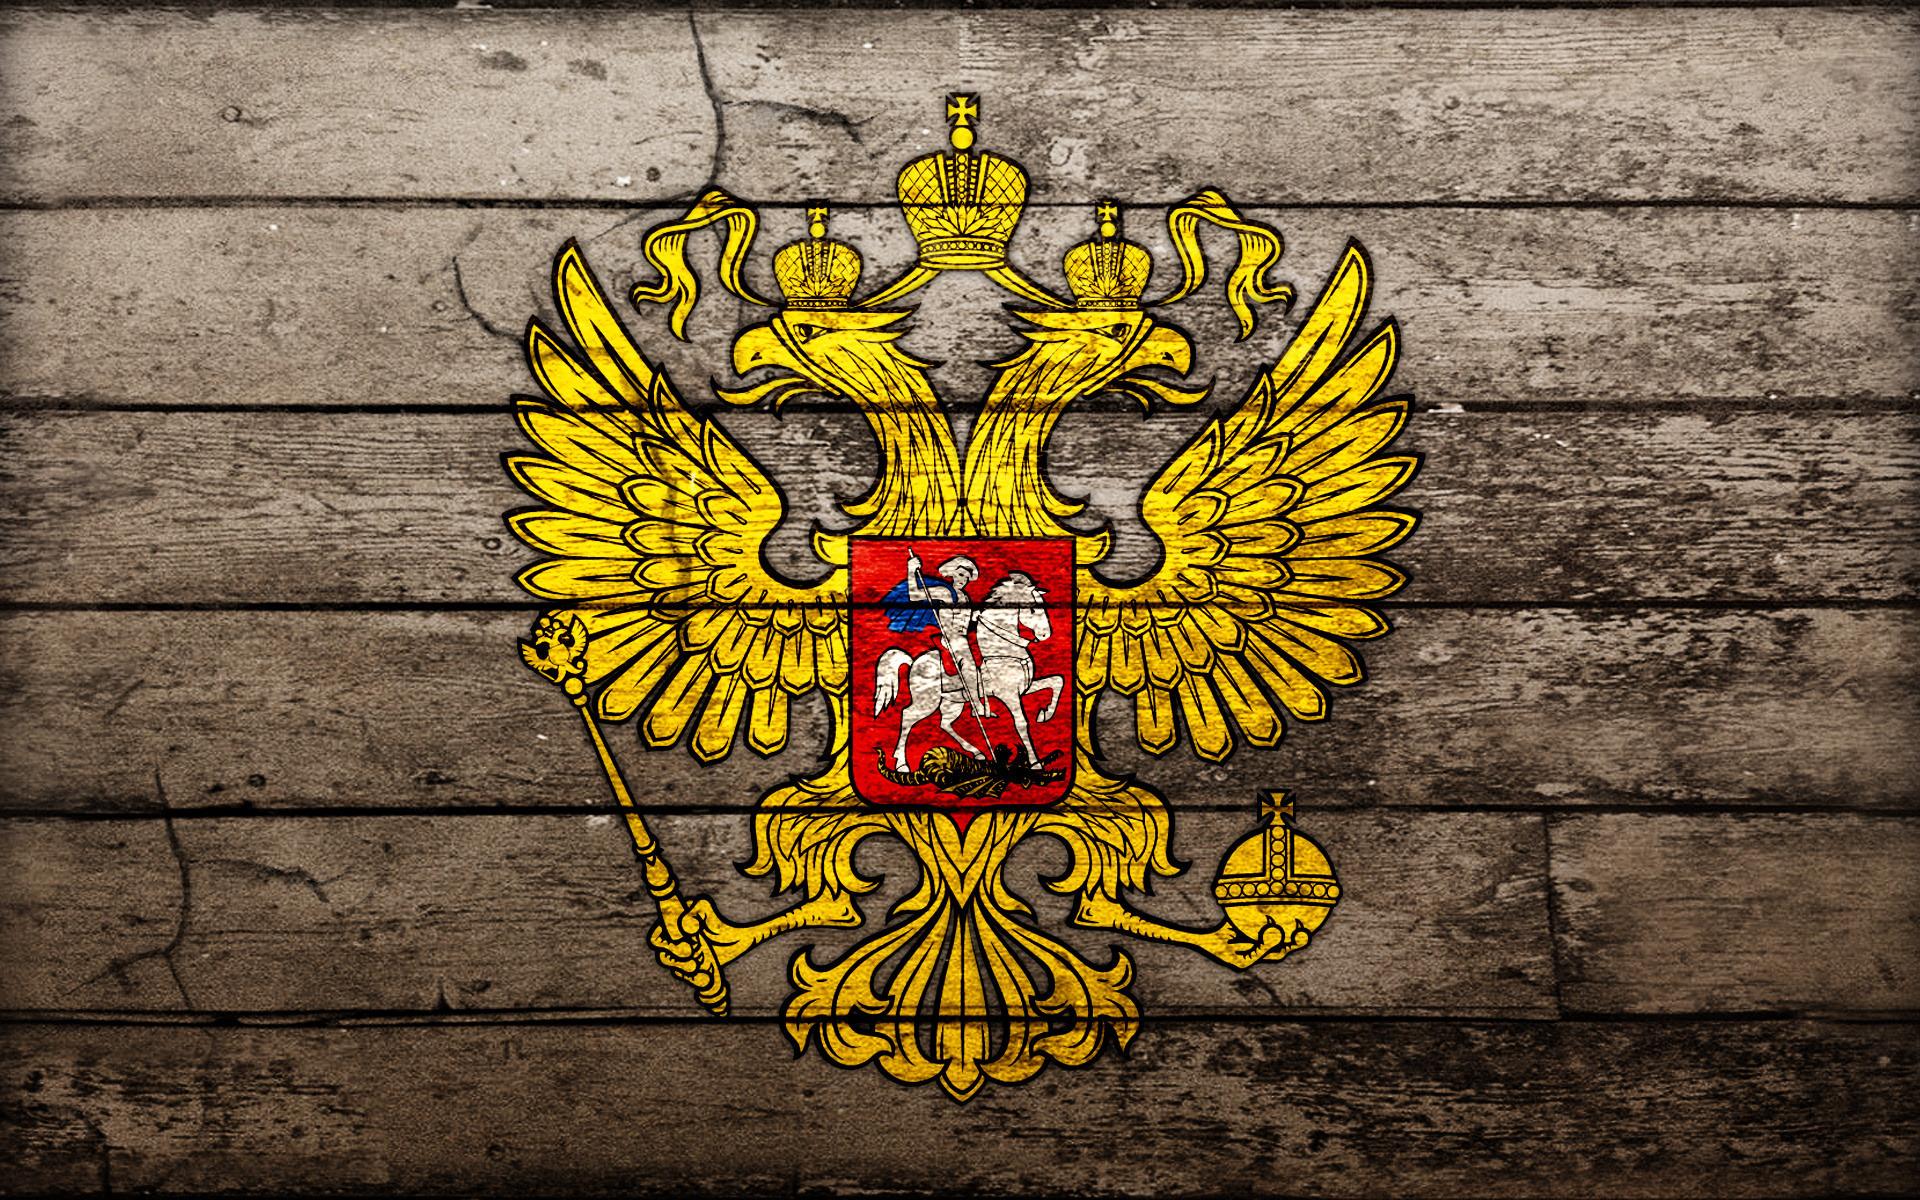 флаг и герб россии большая картинка вопросы интересуют каждую